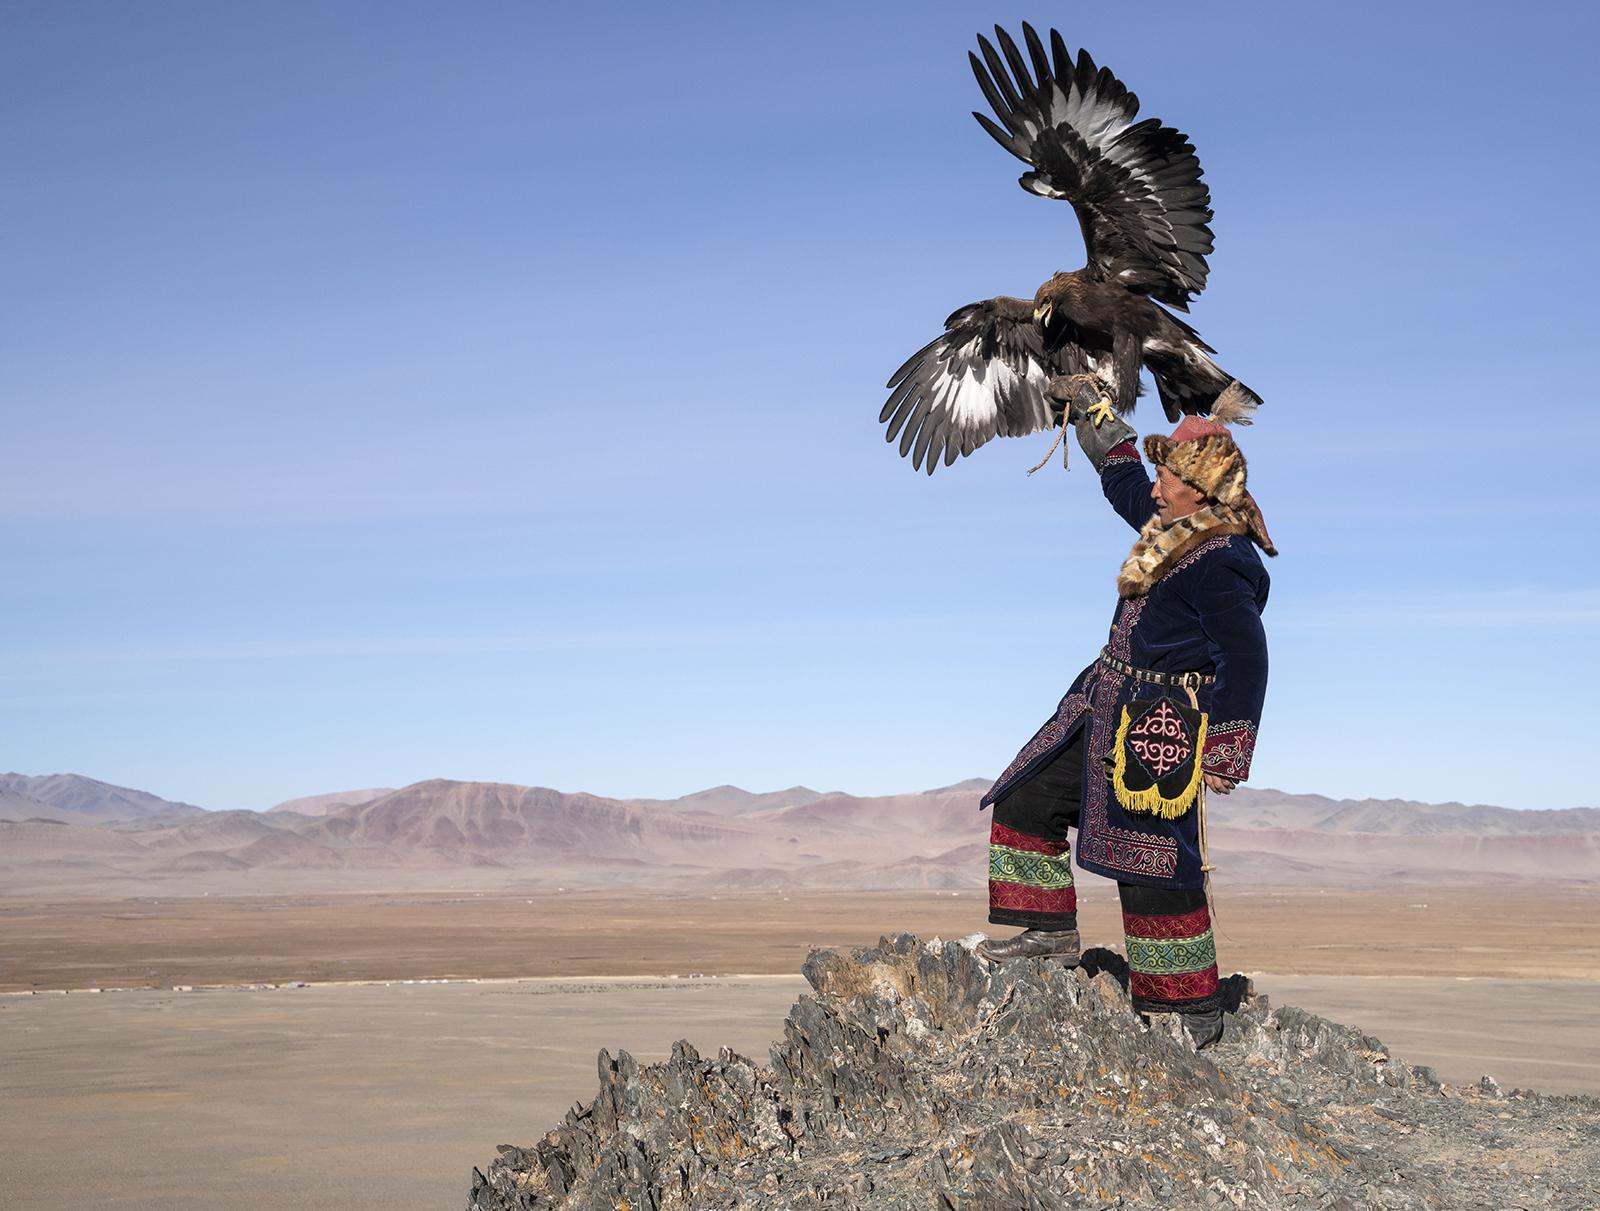 eagle+hunter+and+eagle.jpg